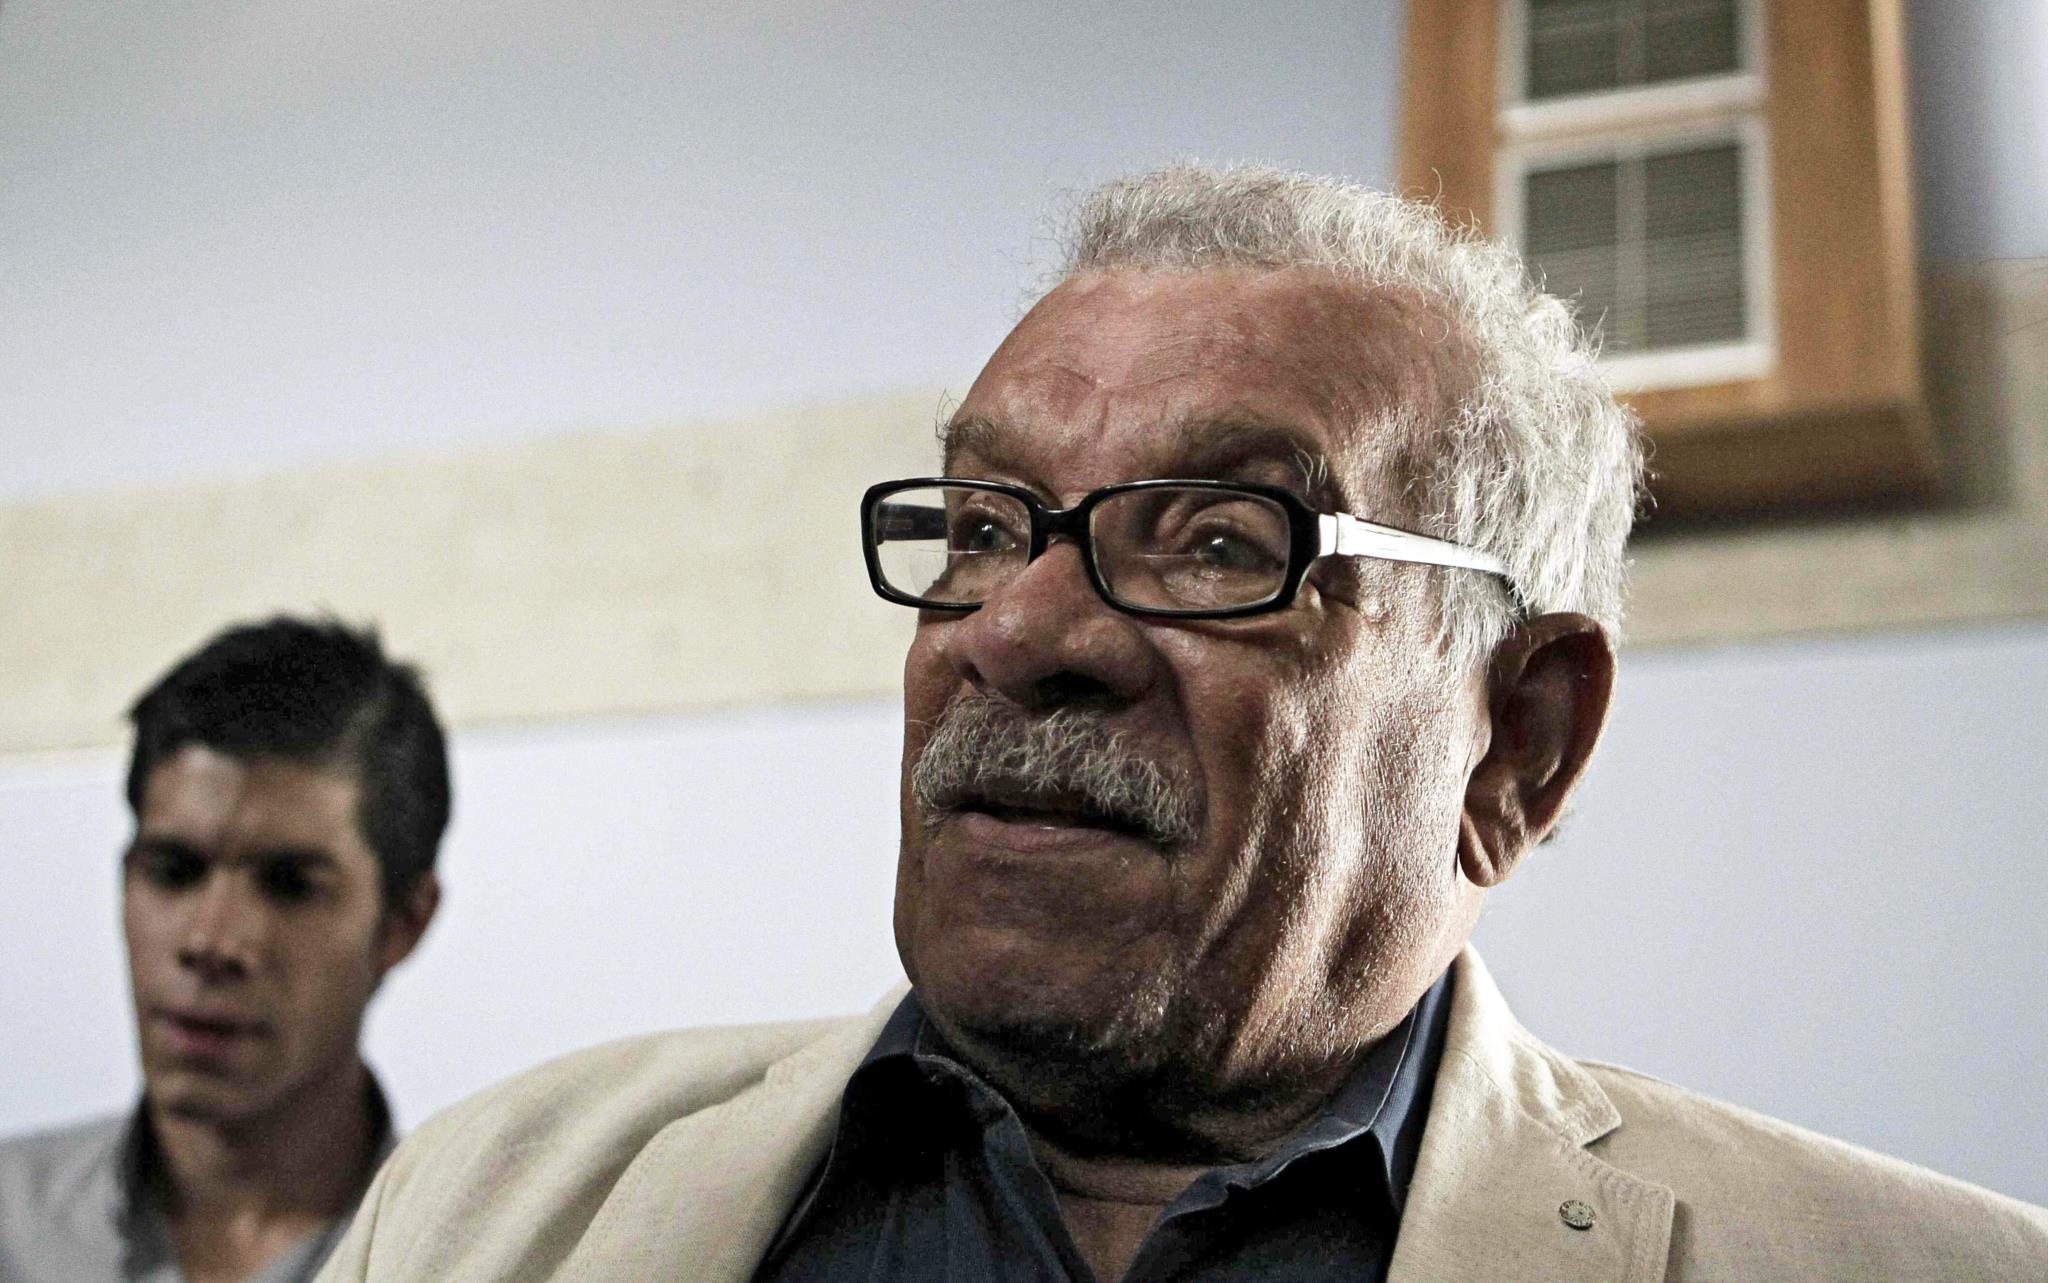 PÚBLICO - Morreu Derek Walcott, o poeta que vivia entre dois mundos (pelo menos)